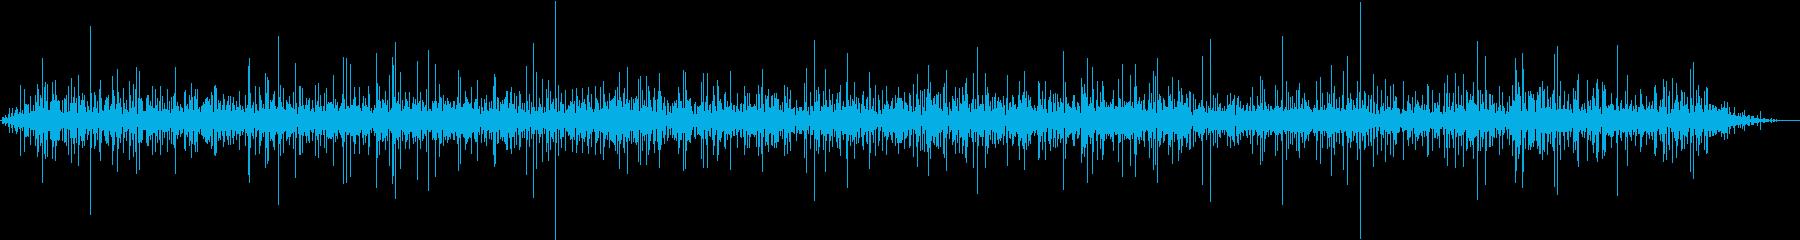 【生録音】側溝に水が流れる音 2の再生済みの波形